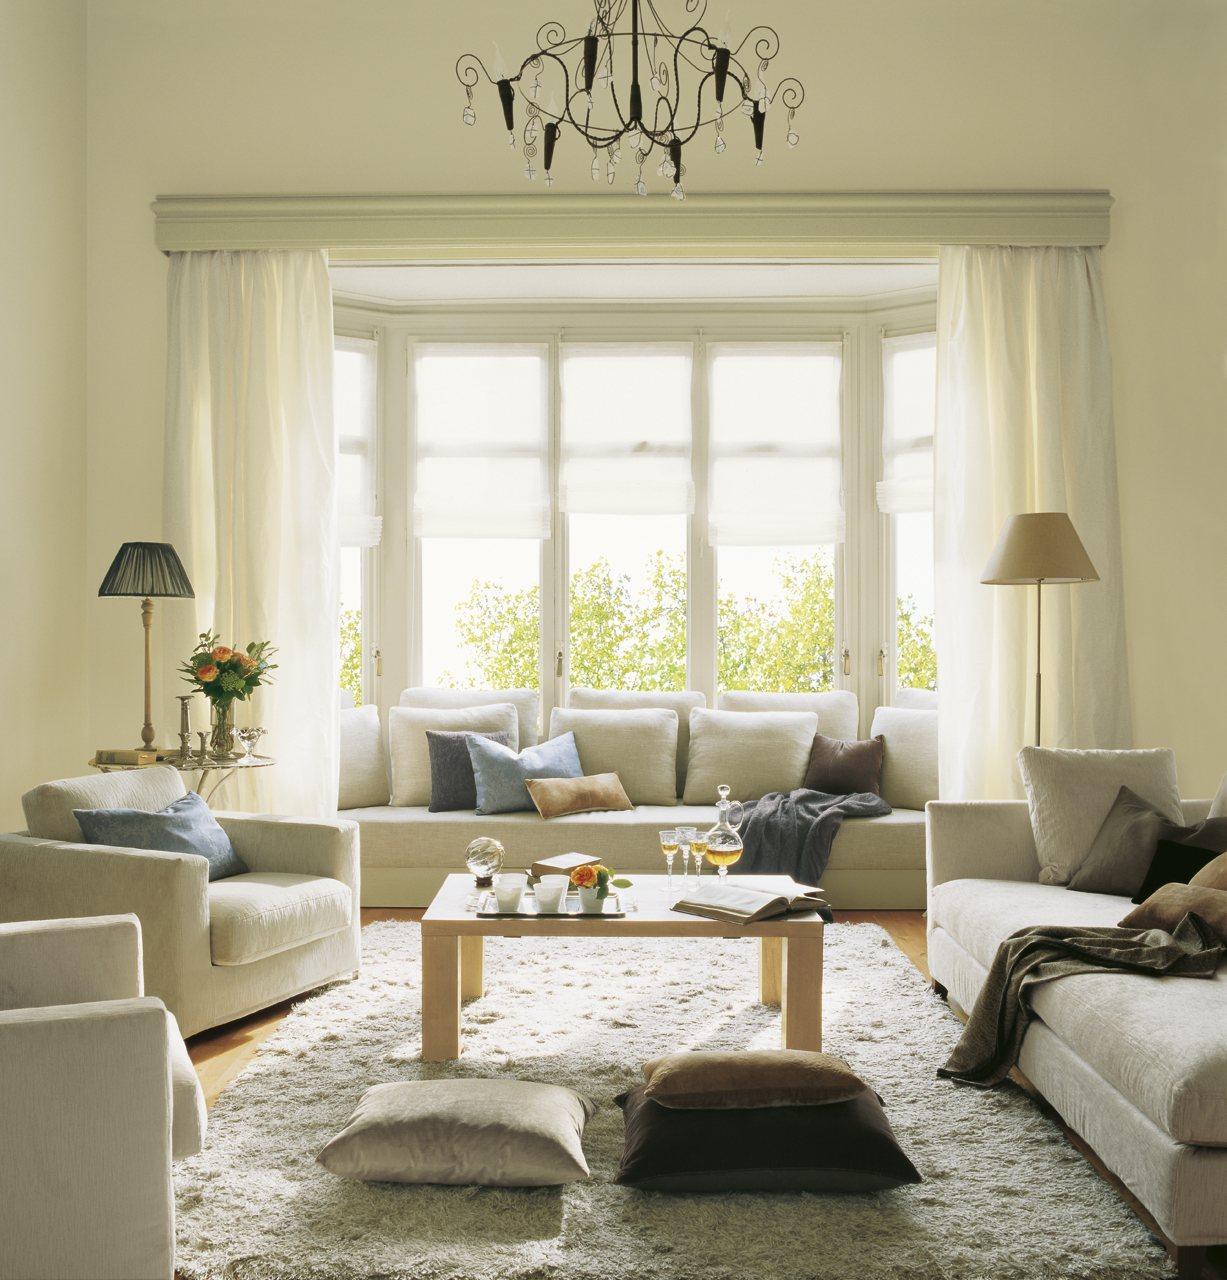 12 buenas ideas para renovar el sal n - Lampara salon techo ...